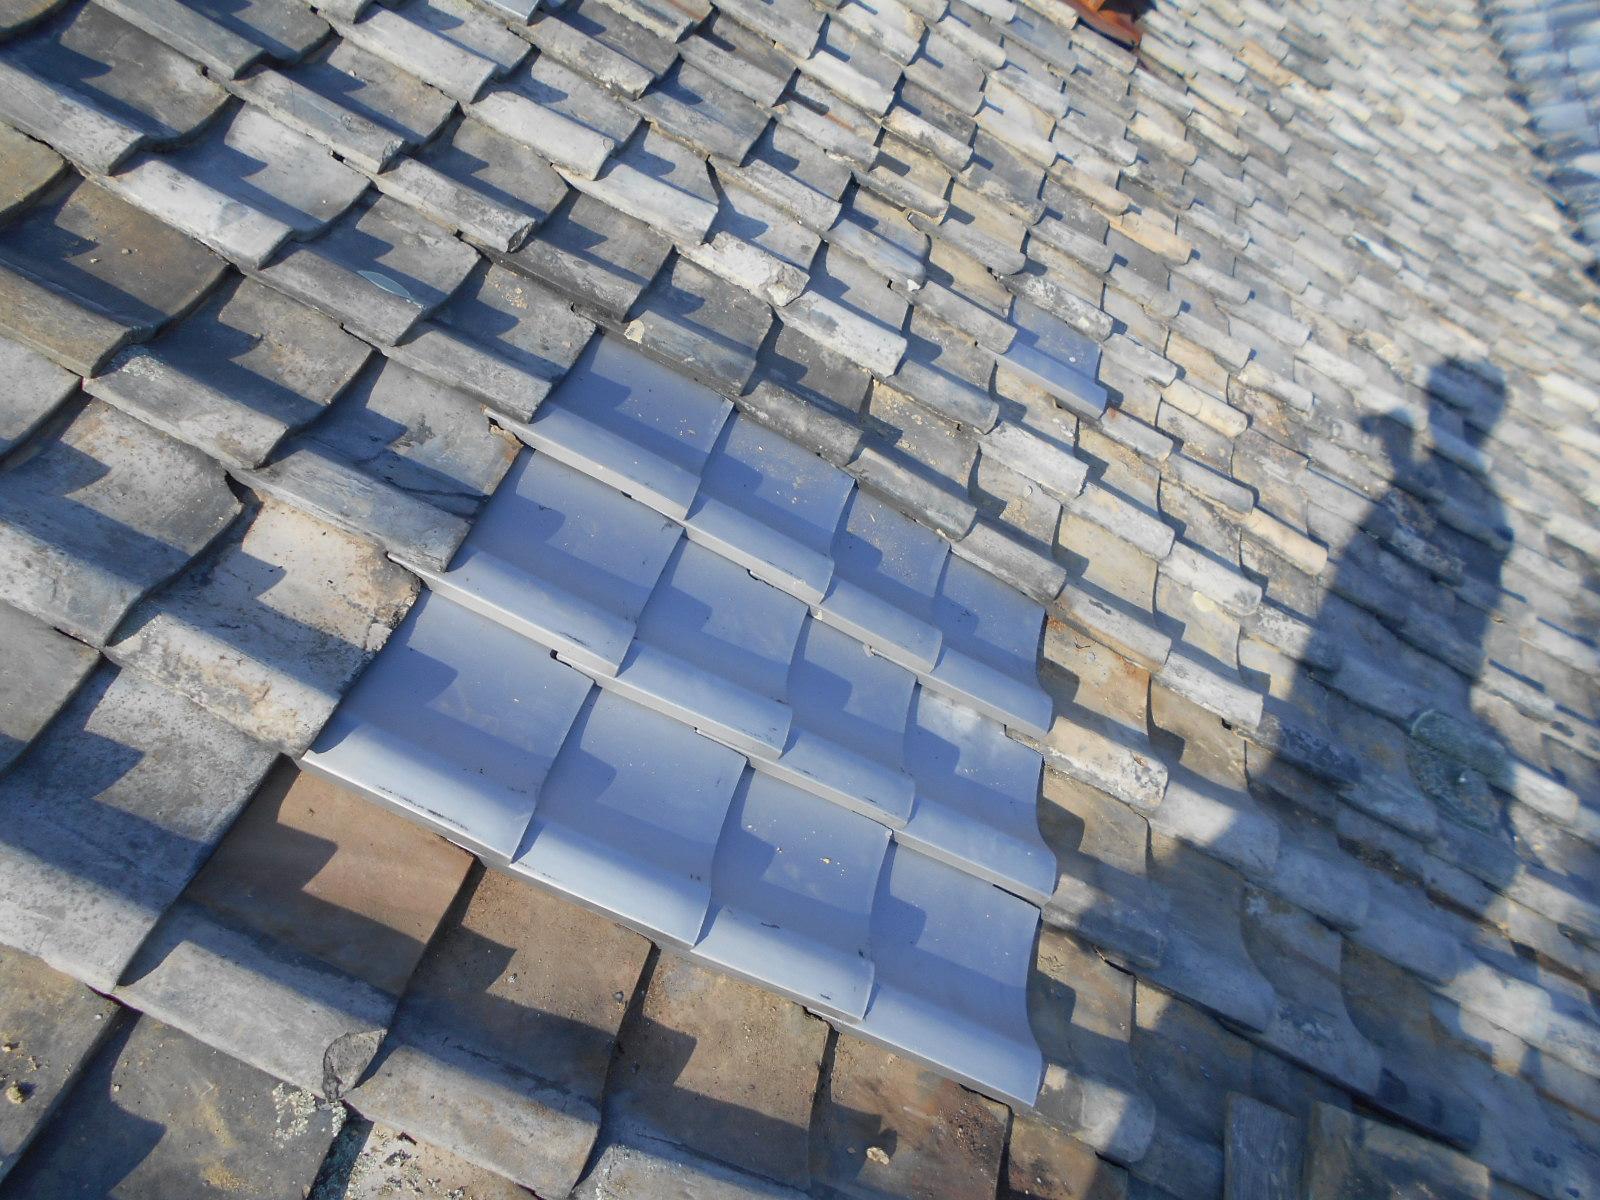 鈴鹿市で雨漏り修理